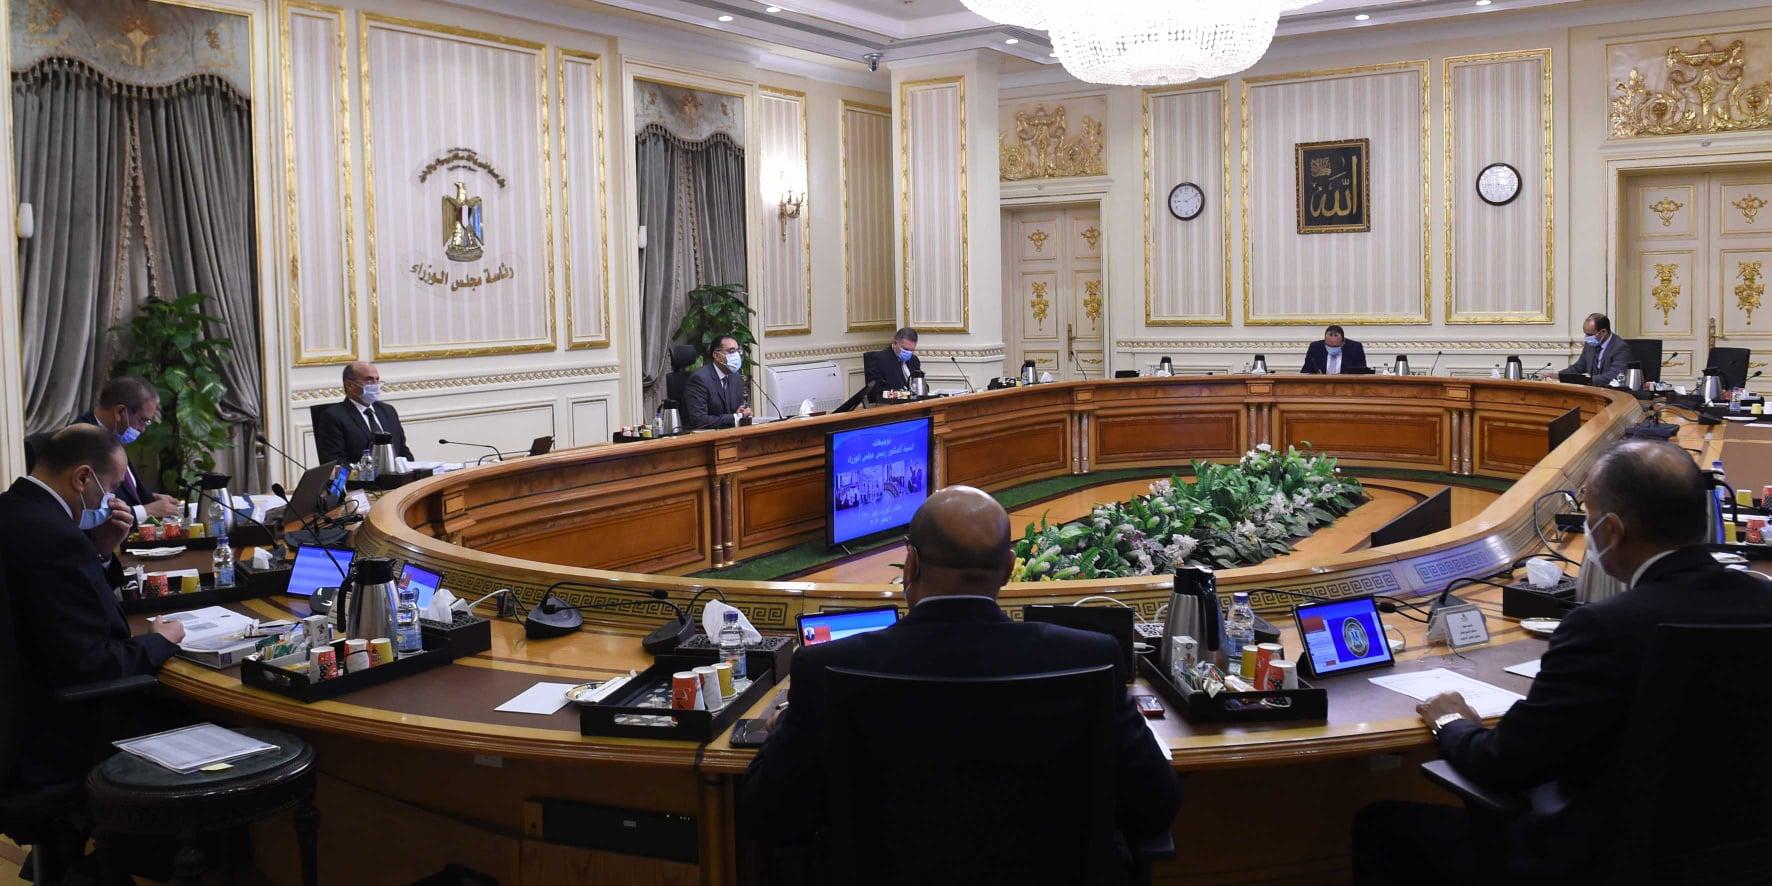 الحكومة تعتمد القرارات الصادرة عن اجتماع لجنة فض منازعات الاستثمار